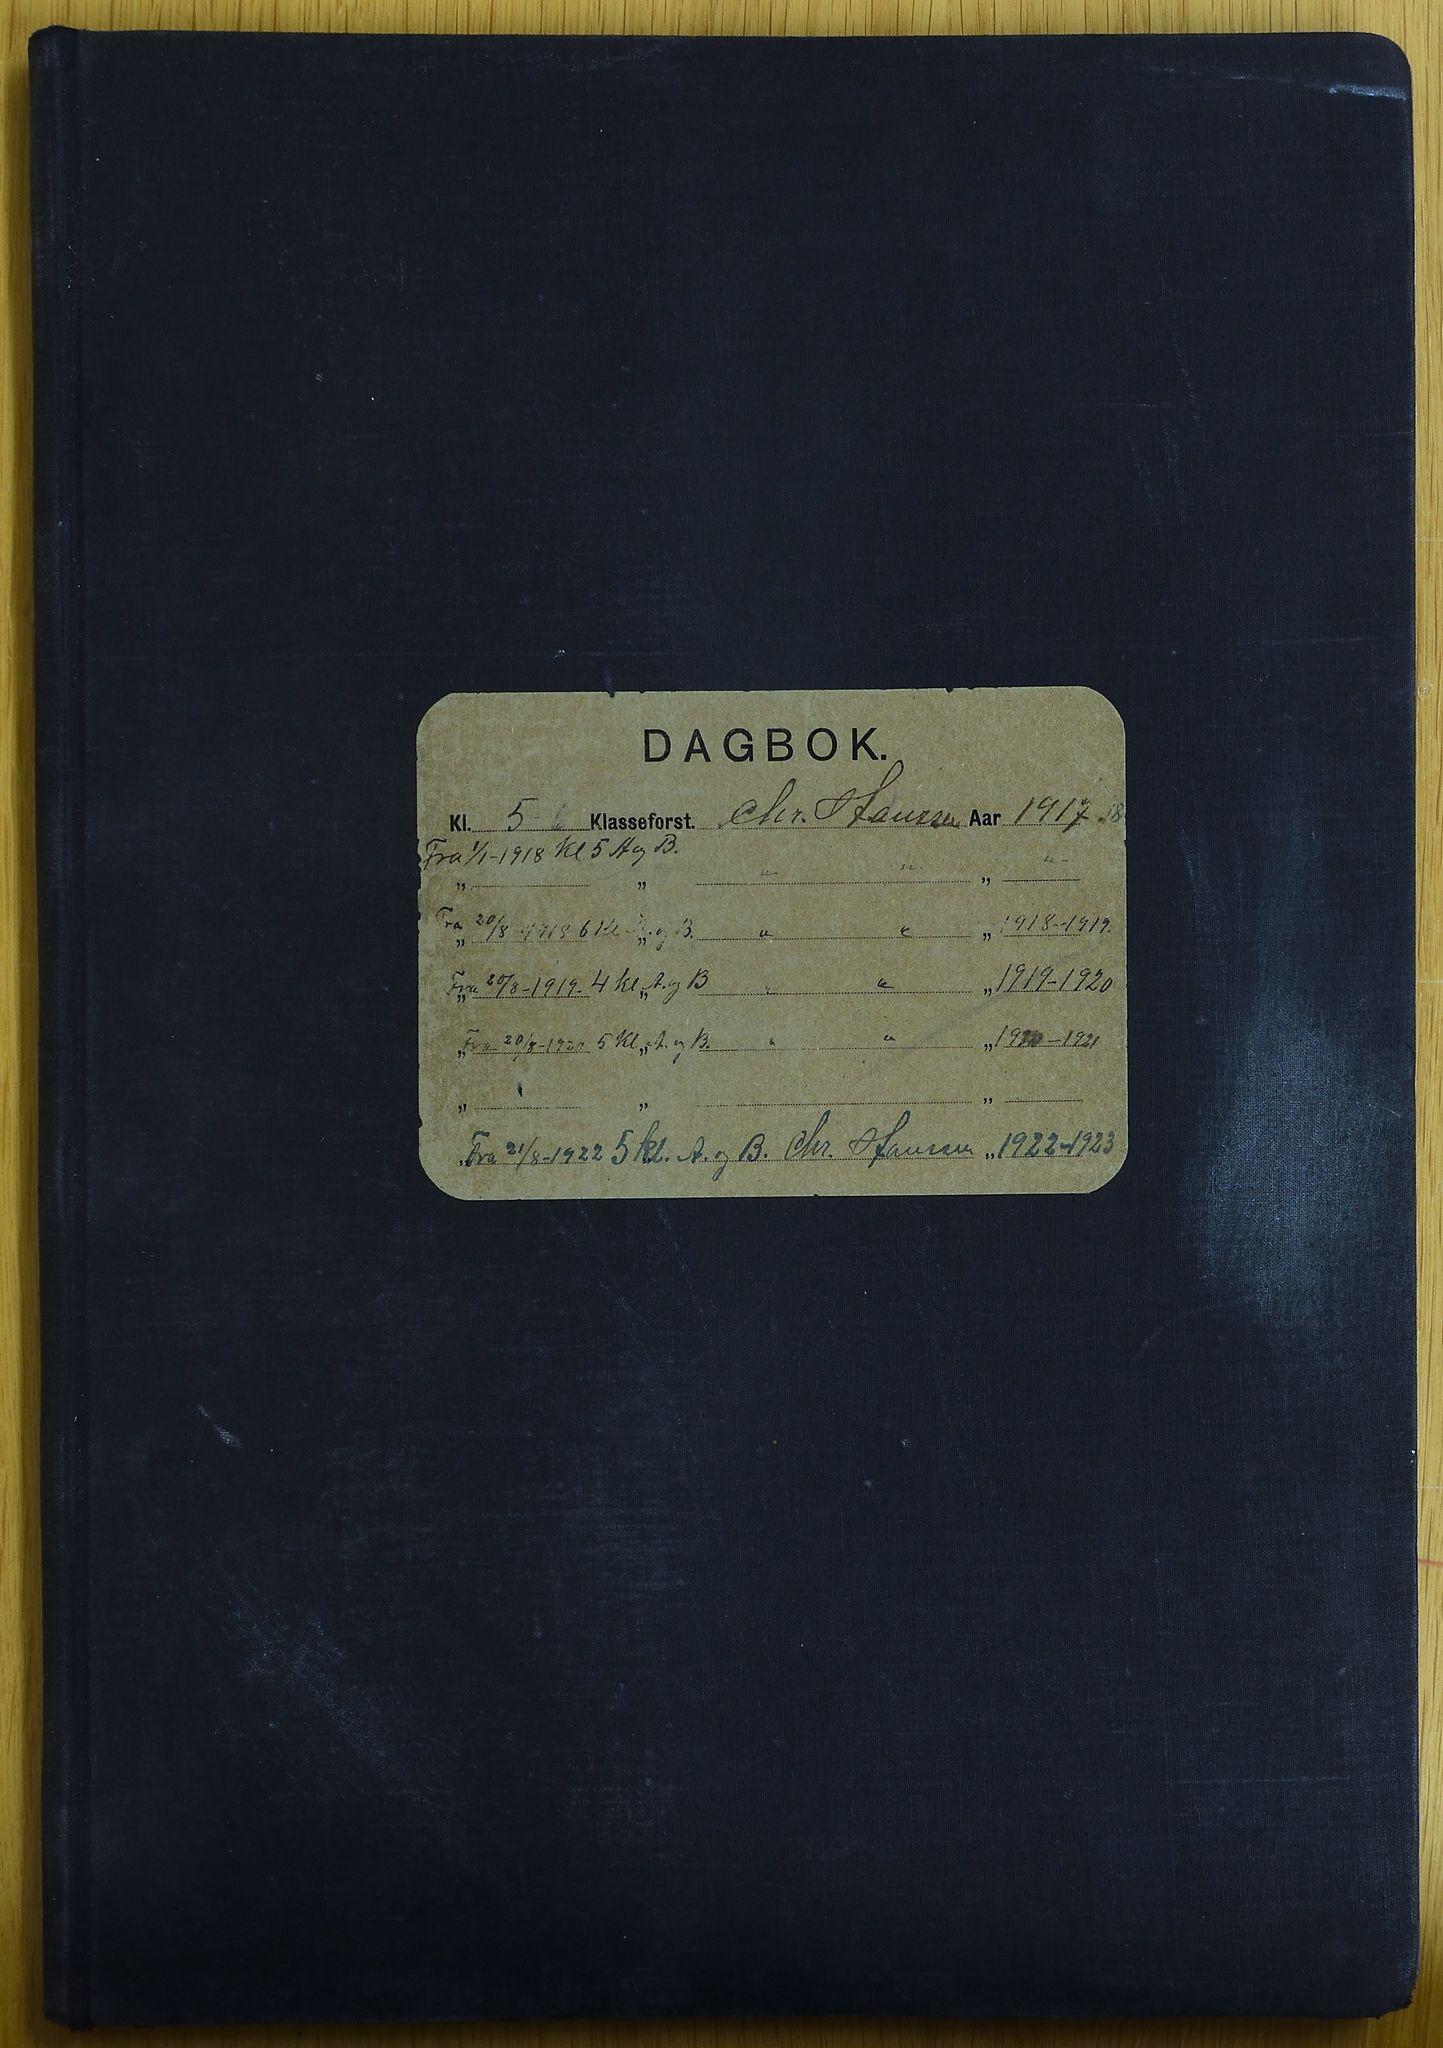 KVT, Vestre Toten kommunearkiv: Raufoss Skole i Vestre Toten kommune. Elevprotokoll 1917-1924 for 4.-6. klasse, 1917-1924